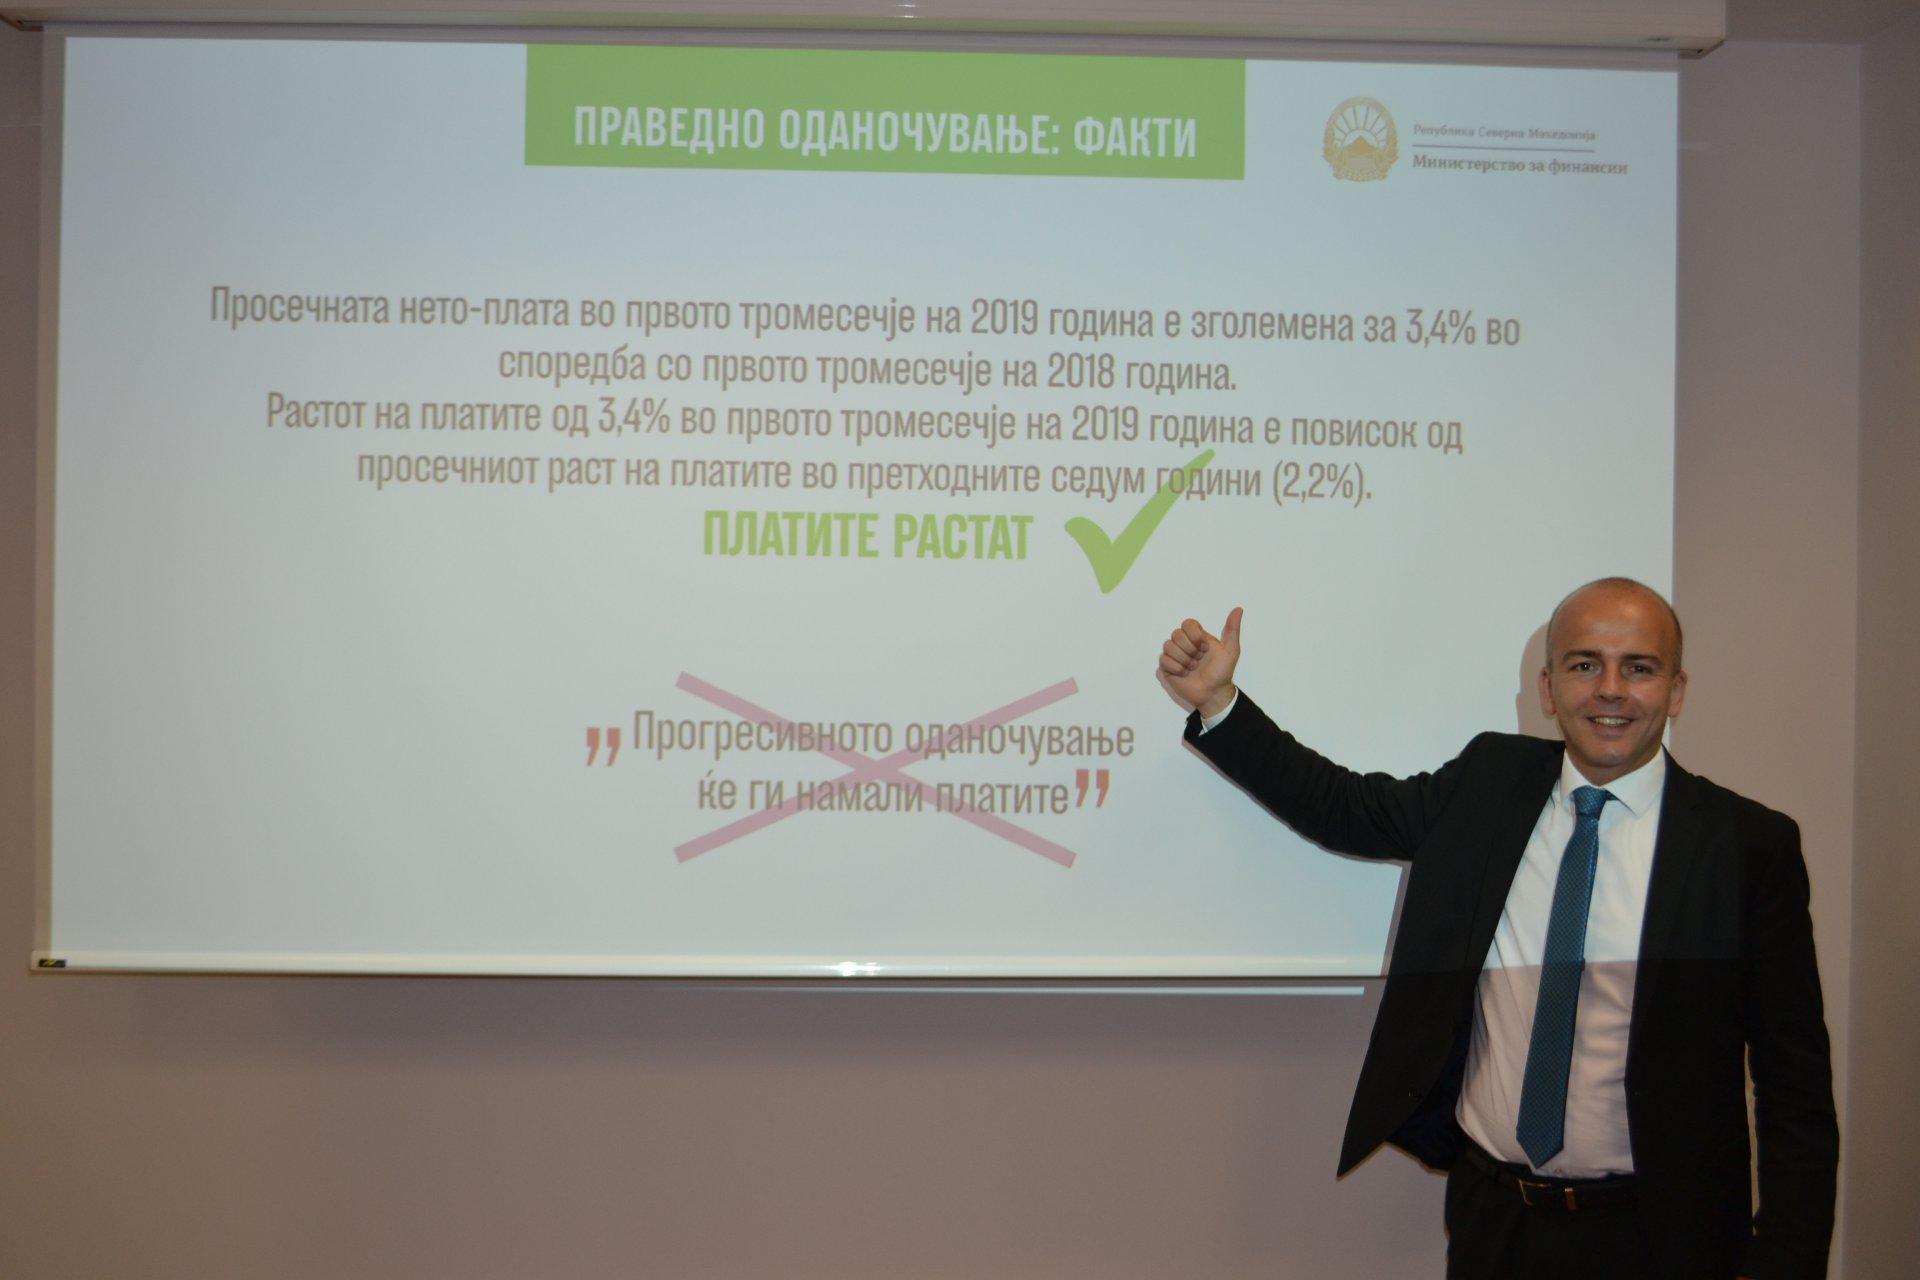 Тевдовски: Праведниот данок е успешна реформа